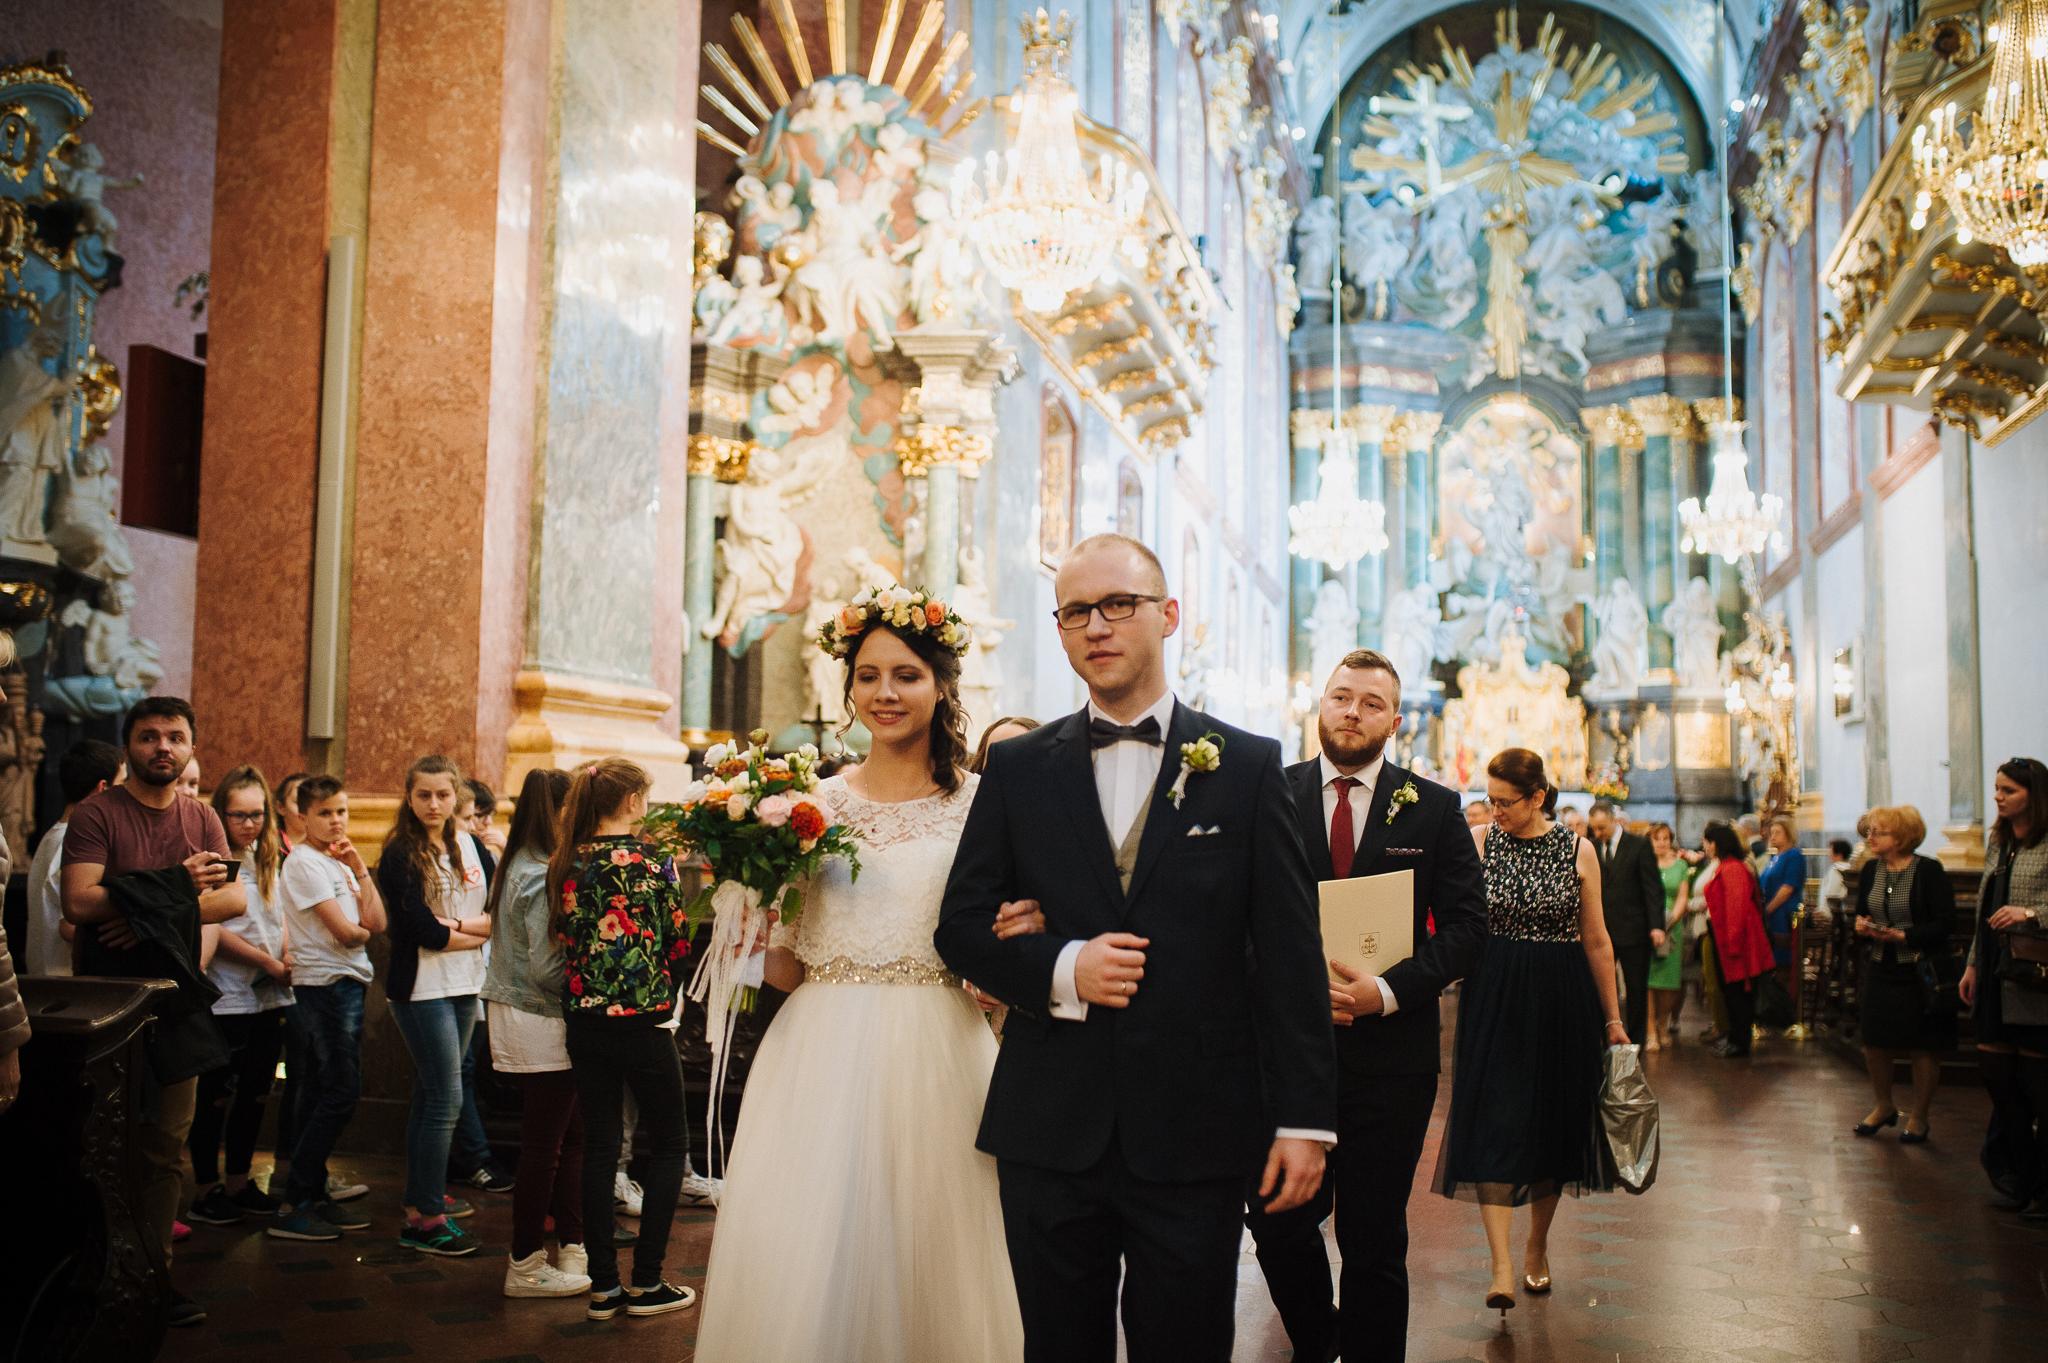 Ceremonia zaślubin - Ślub jest jednym z najważniejszych wydarzeń w naszym życiu. Udokumentowanie tych szczególnych chwil zawsze jest bardzo ekscytujące nie tylko dla pary młodej. Zdjęcia potrafią pokazać te emocje, które Wam towarzyszą. W tym wpisie pragnę Wam przedstawić ślub z perspektywy mojego aparatu w pięknych okolicznościach na Jasnej Górze.